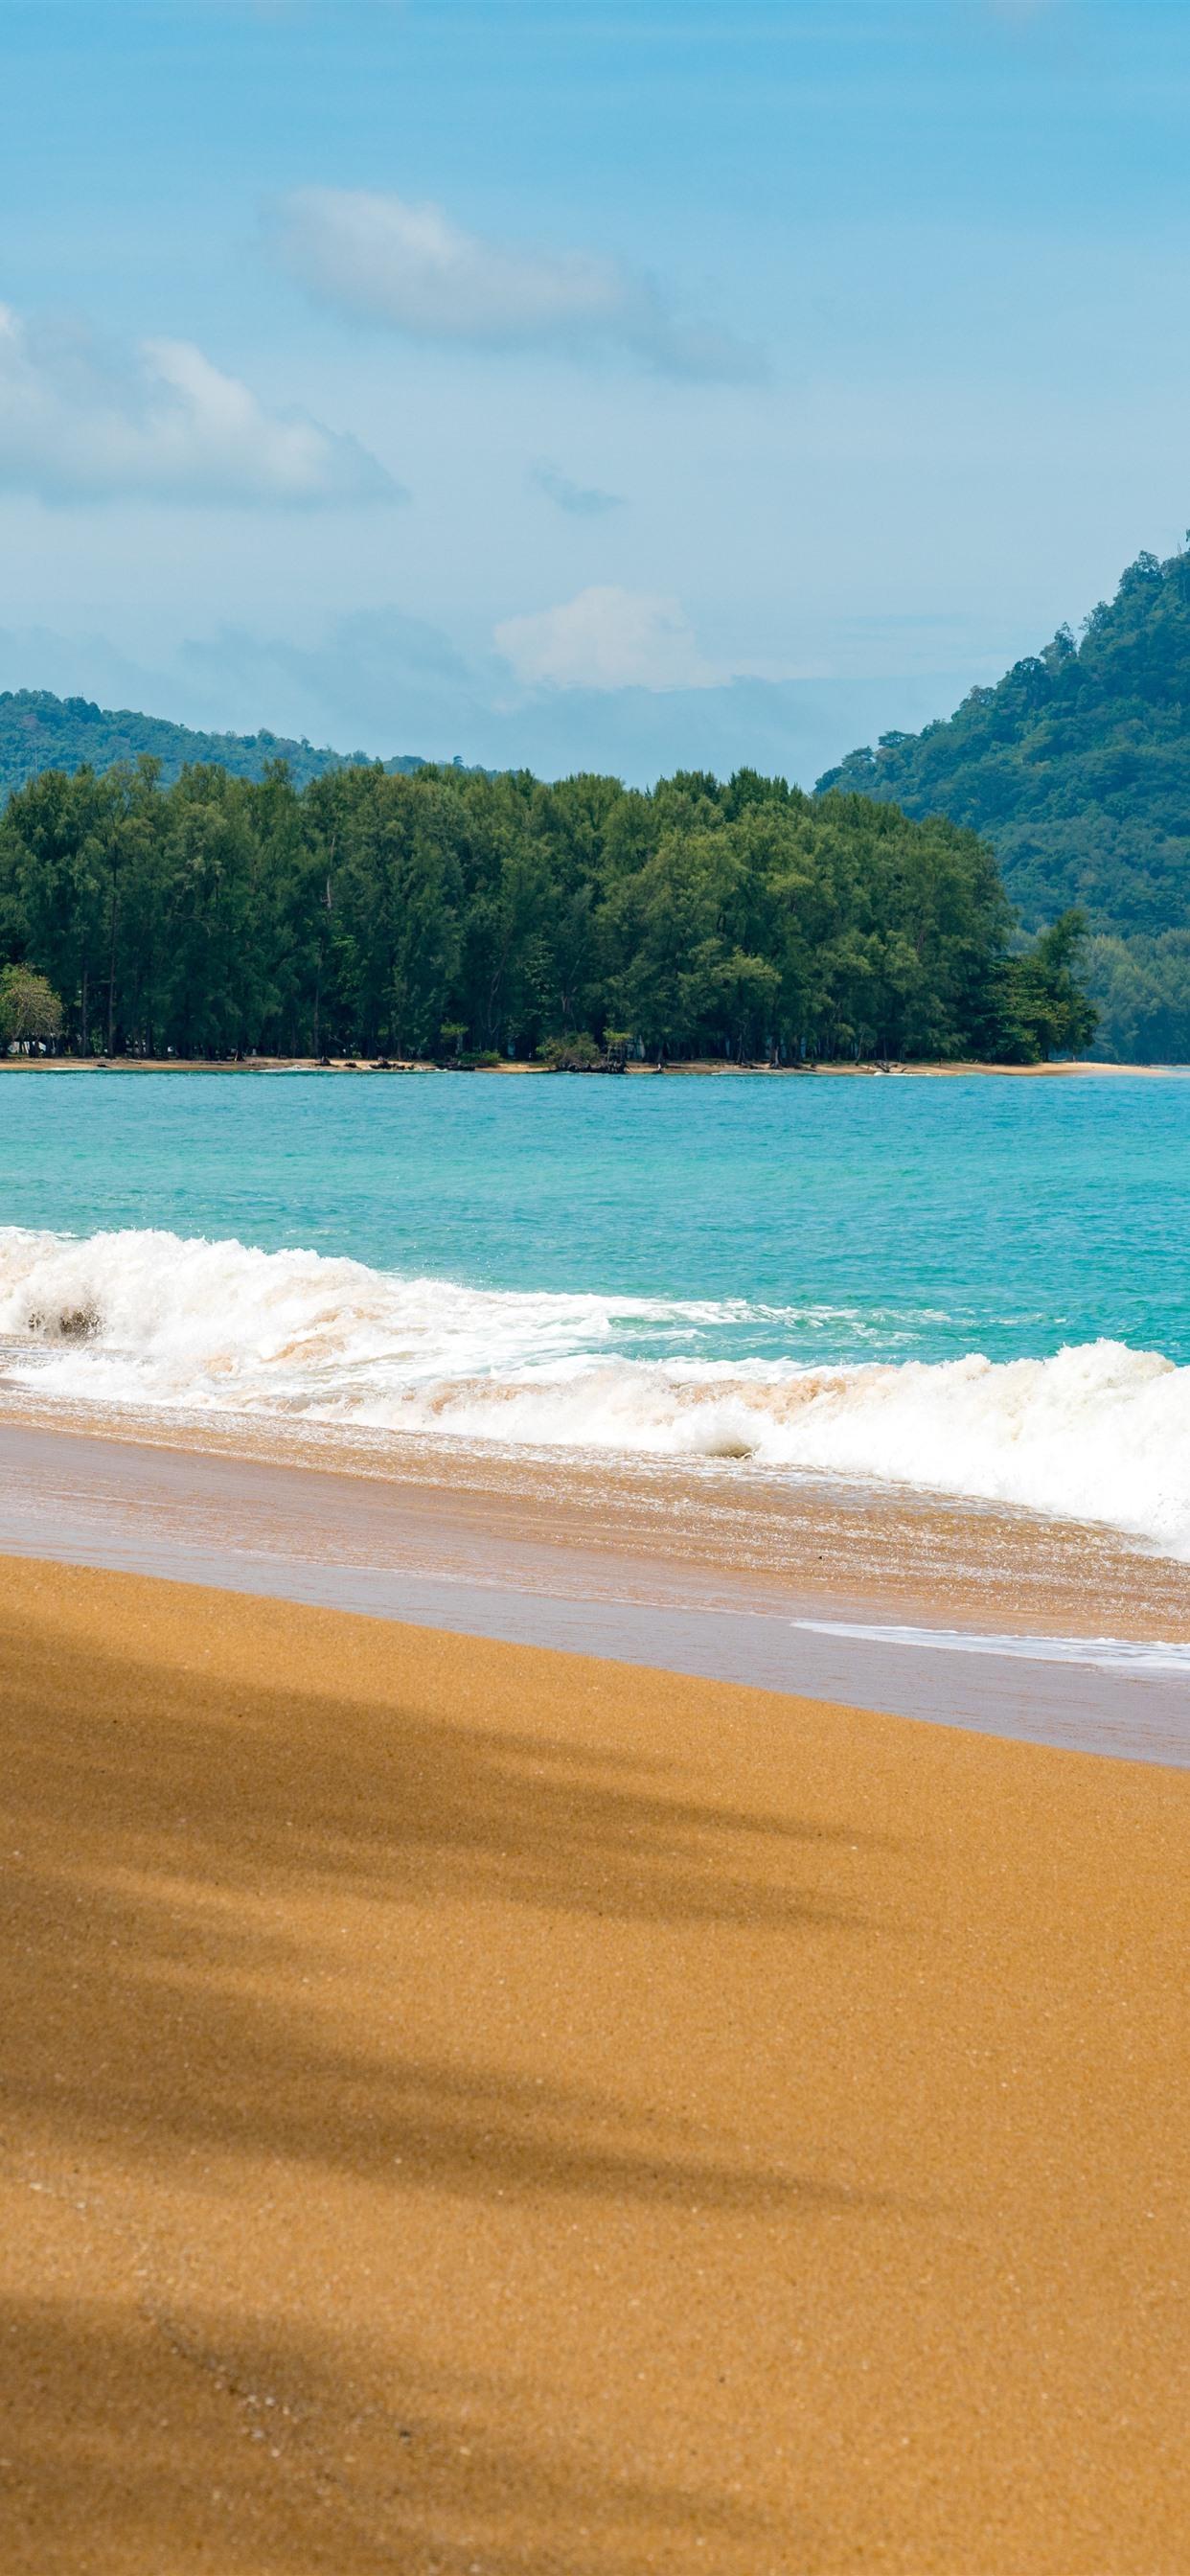 Beach Sea Waves Mountains Summer 1242x2688 Iphone Xs Max